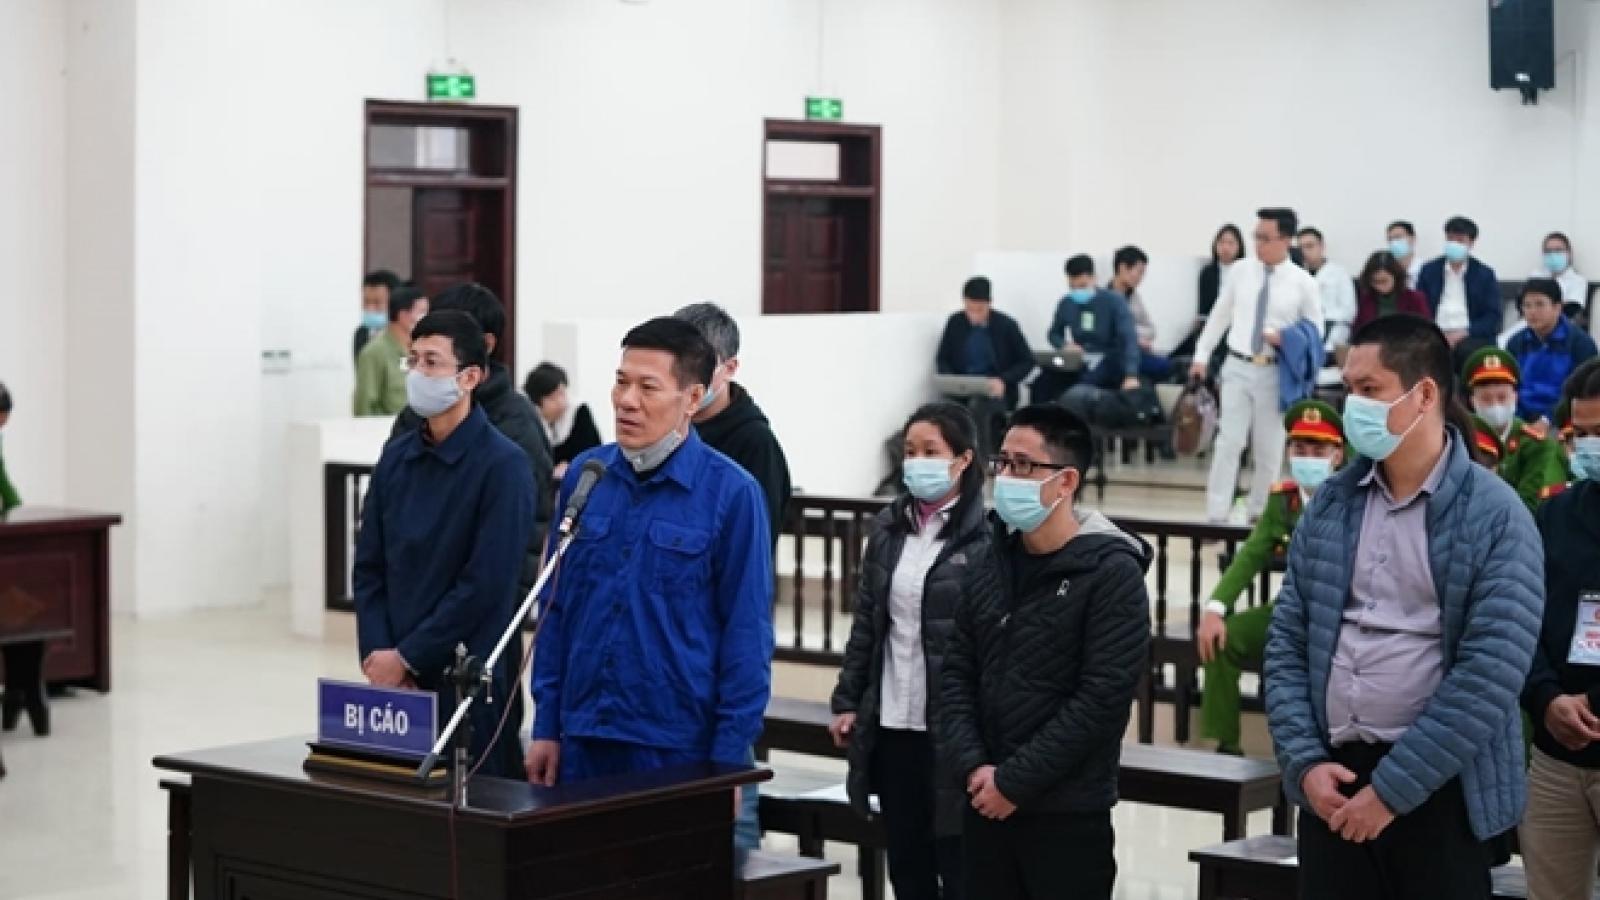 Hôm nay, xét xử phúc thẩm vụ án nâng khống giá thiết bị tại CDC Hà Nội